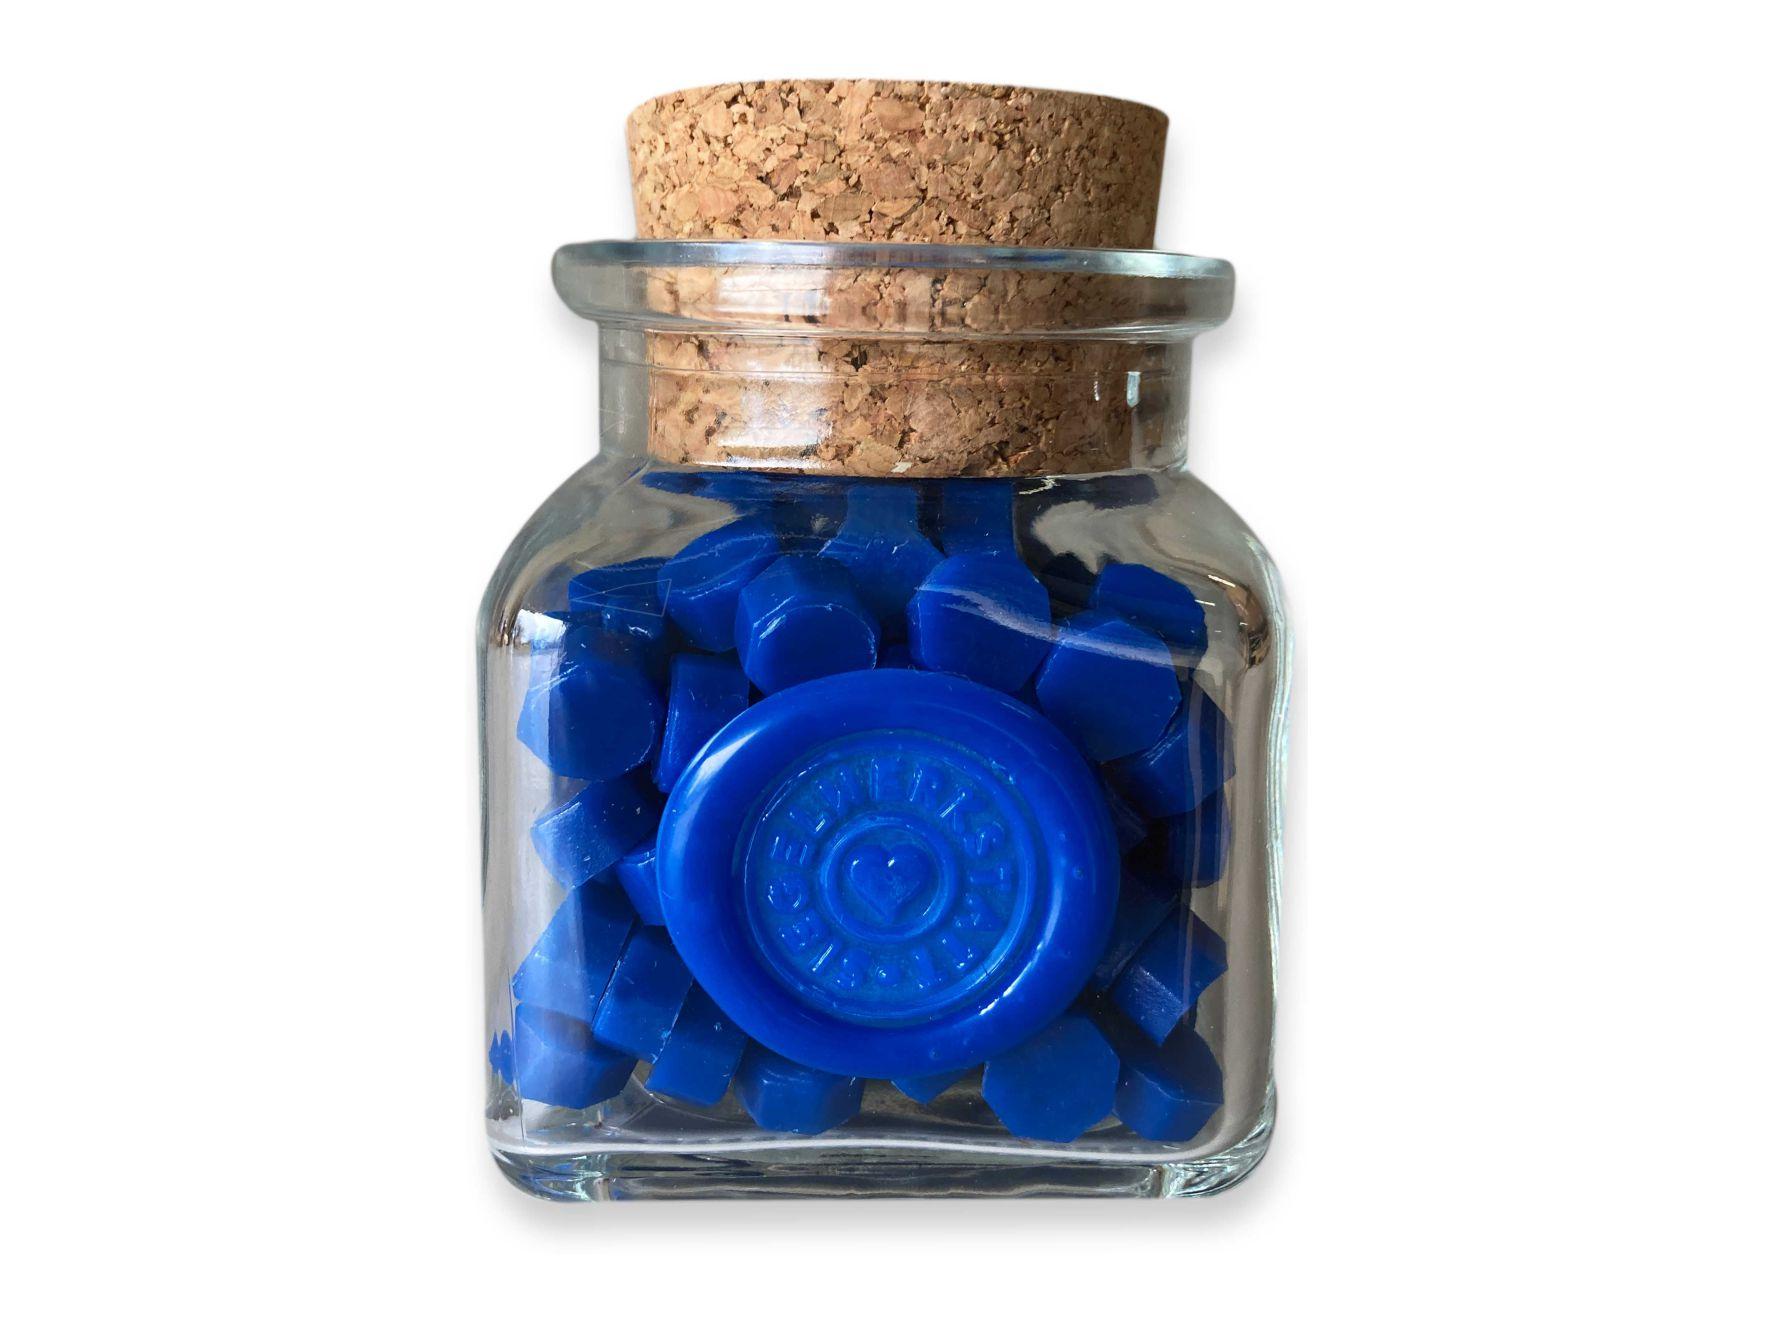 #19 - Blau - ähnlich Pant. 2145